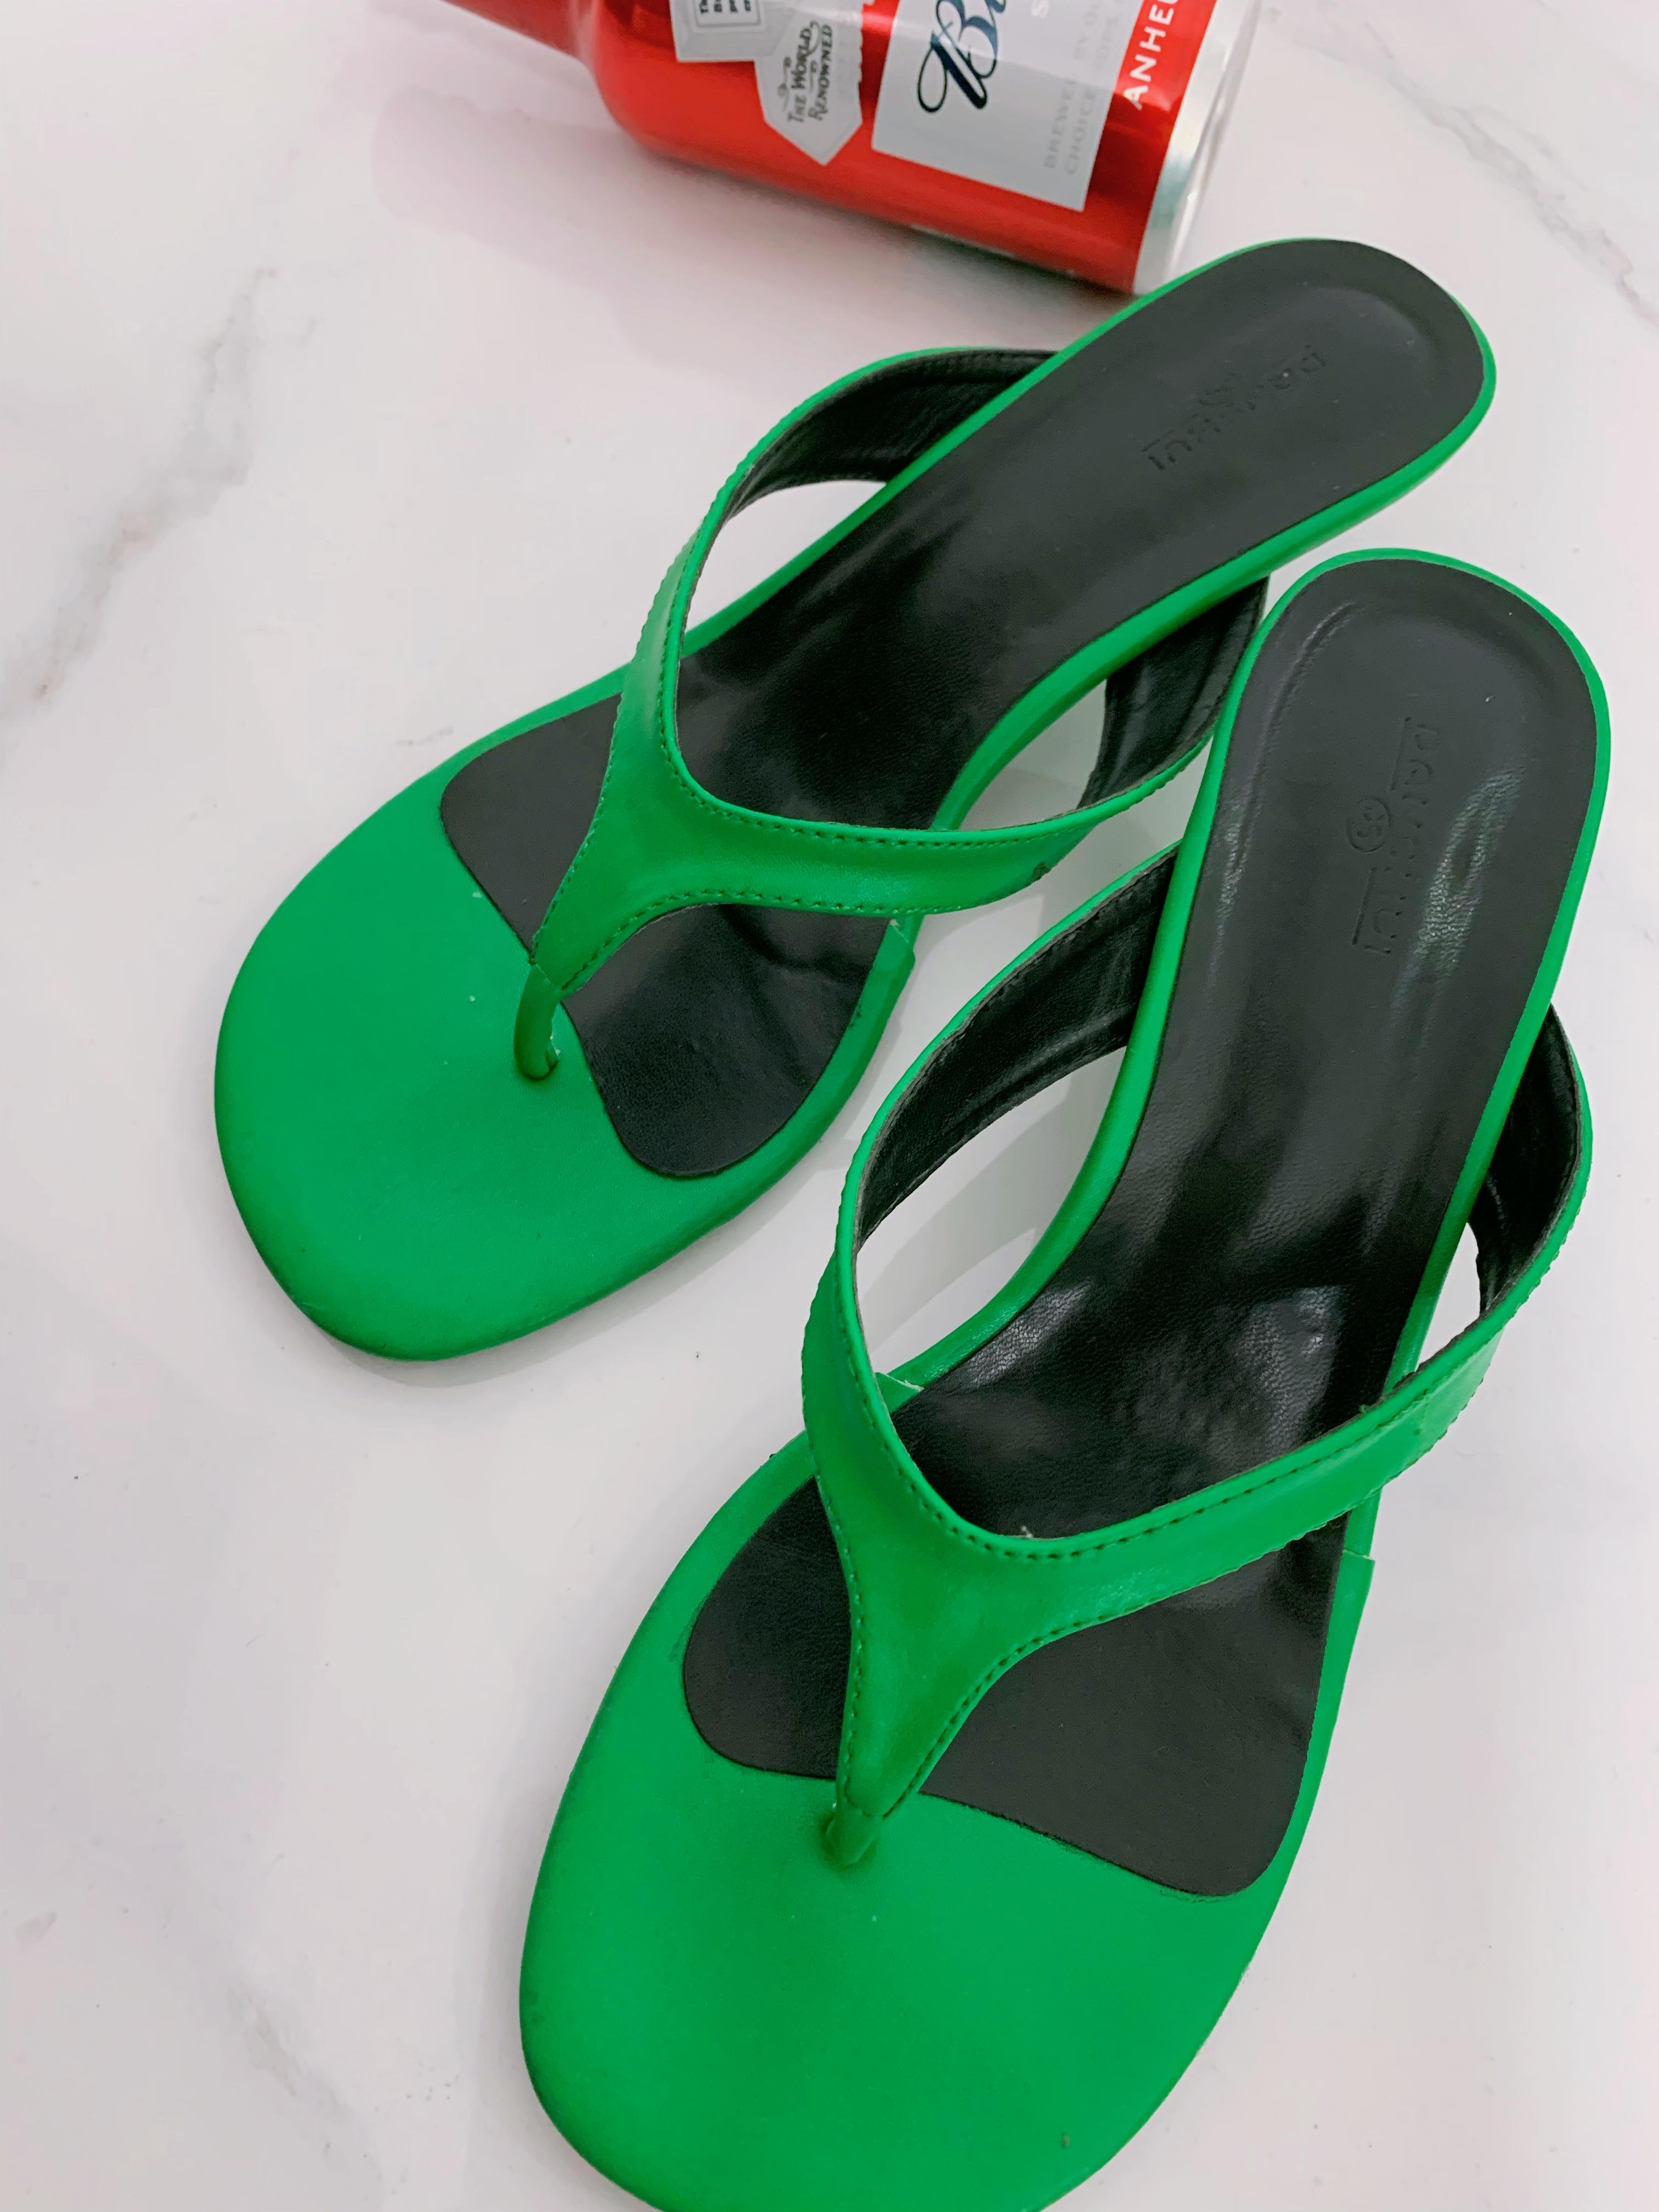 绿色鱼嘴鞋 LANCY2020夏季新款绿色人字奇异跟露趾拖鞋_推荐淘宝好看的绿色鱼嘴鞋